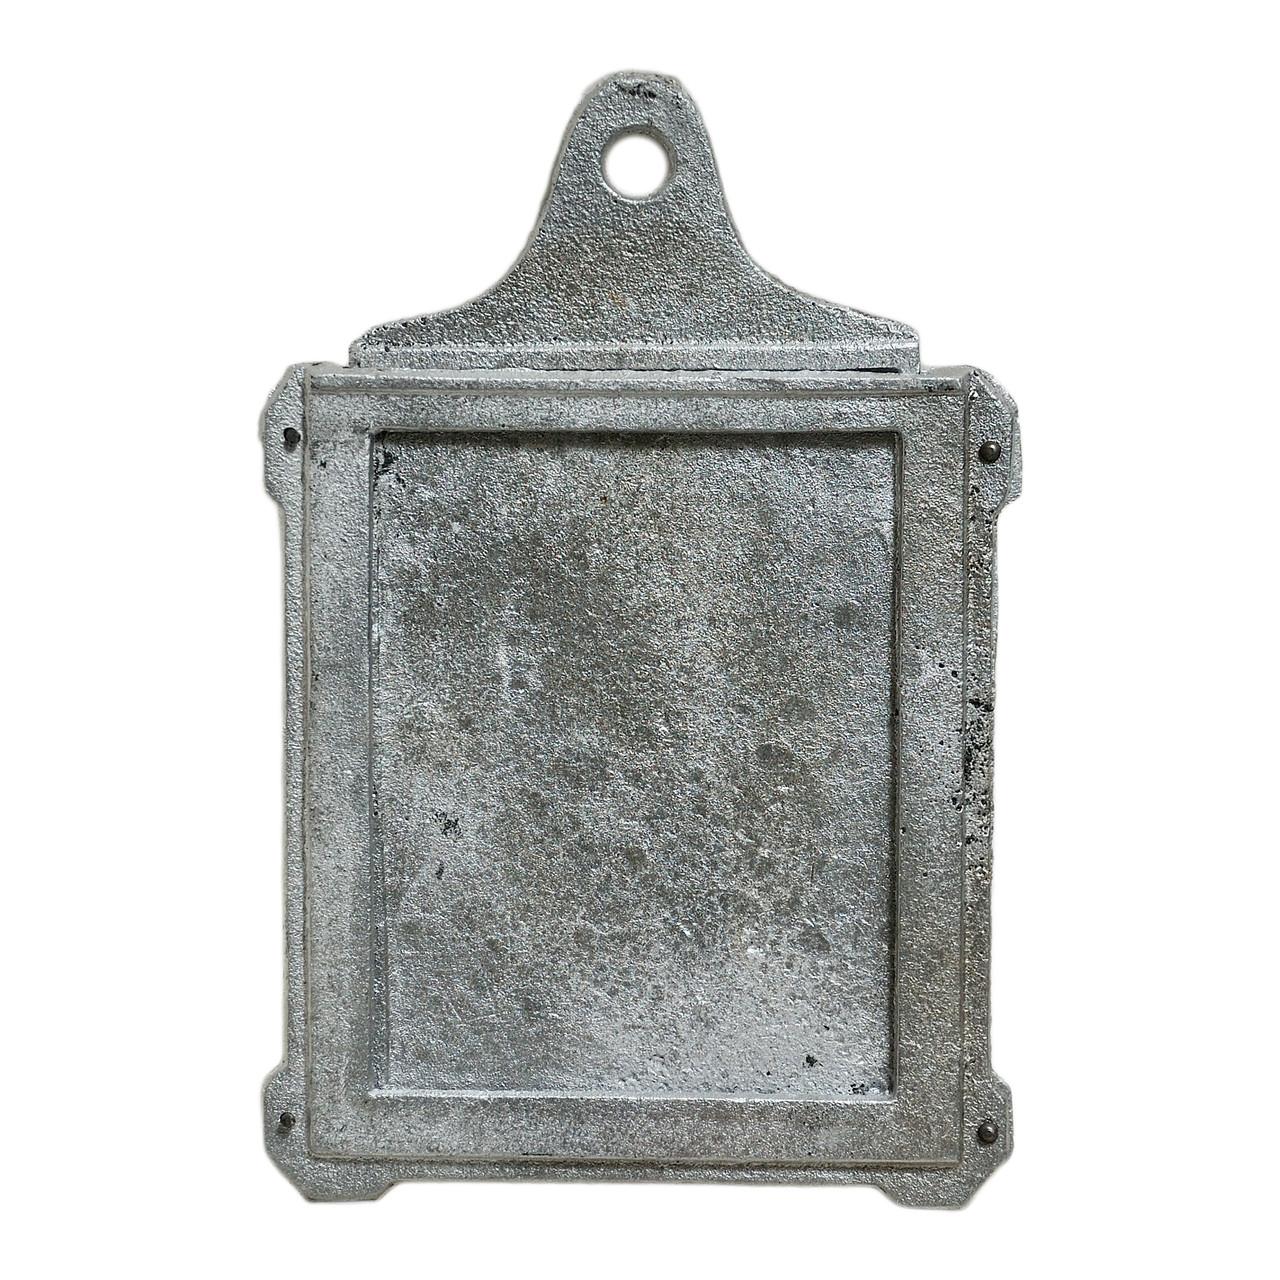 Шибер (заслінка, засувка) алюмінієвий (300х260мм)